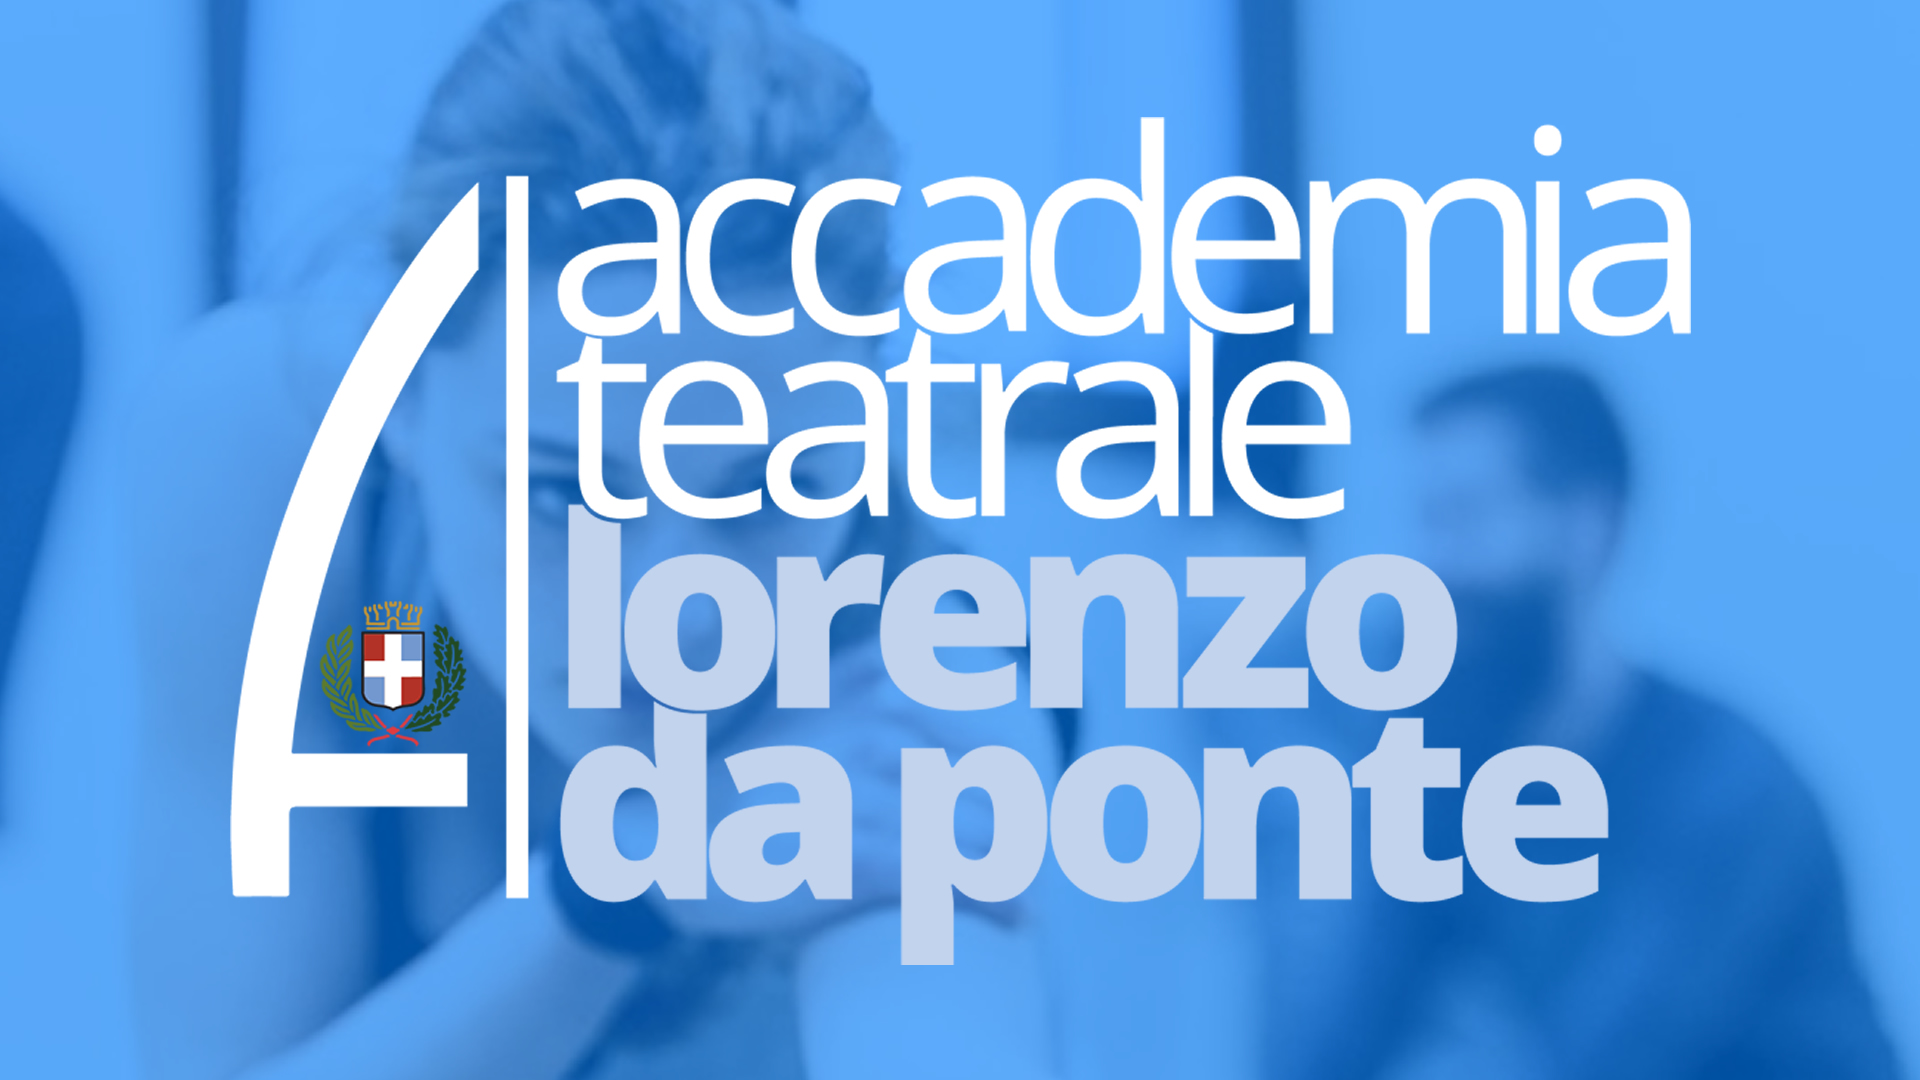 Accademia_Teatrale_Lorenzo_Da_Ponte